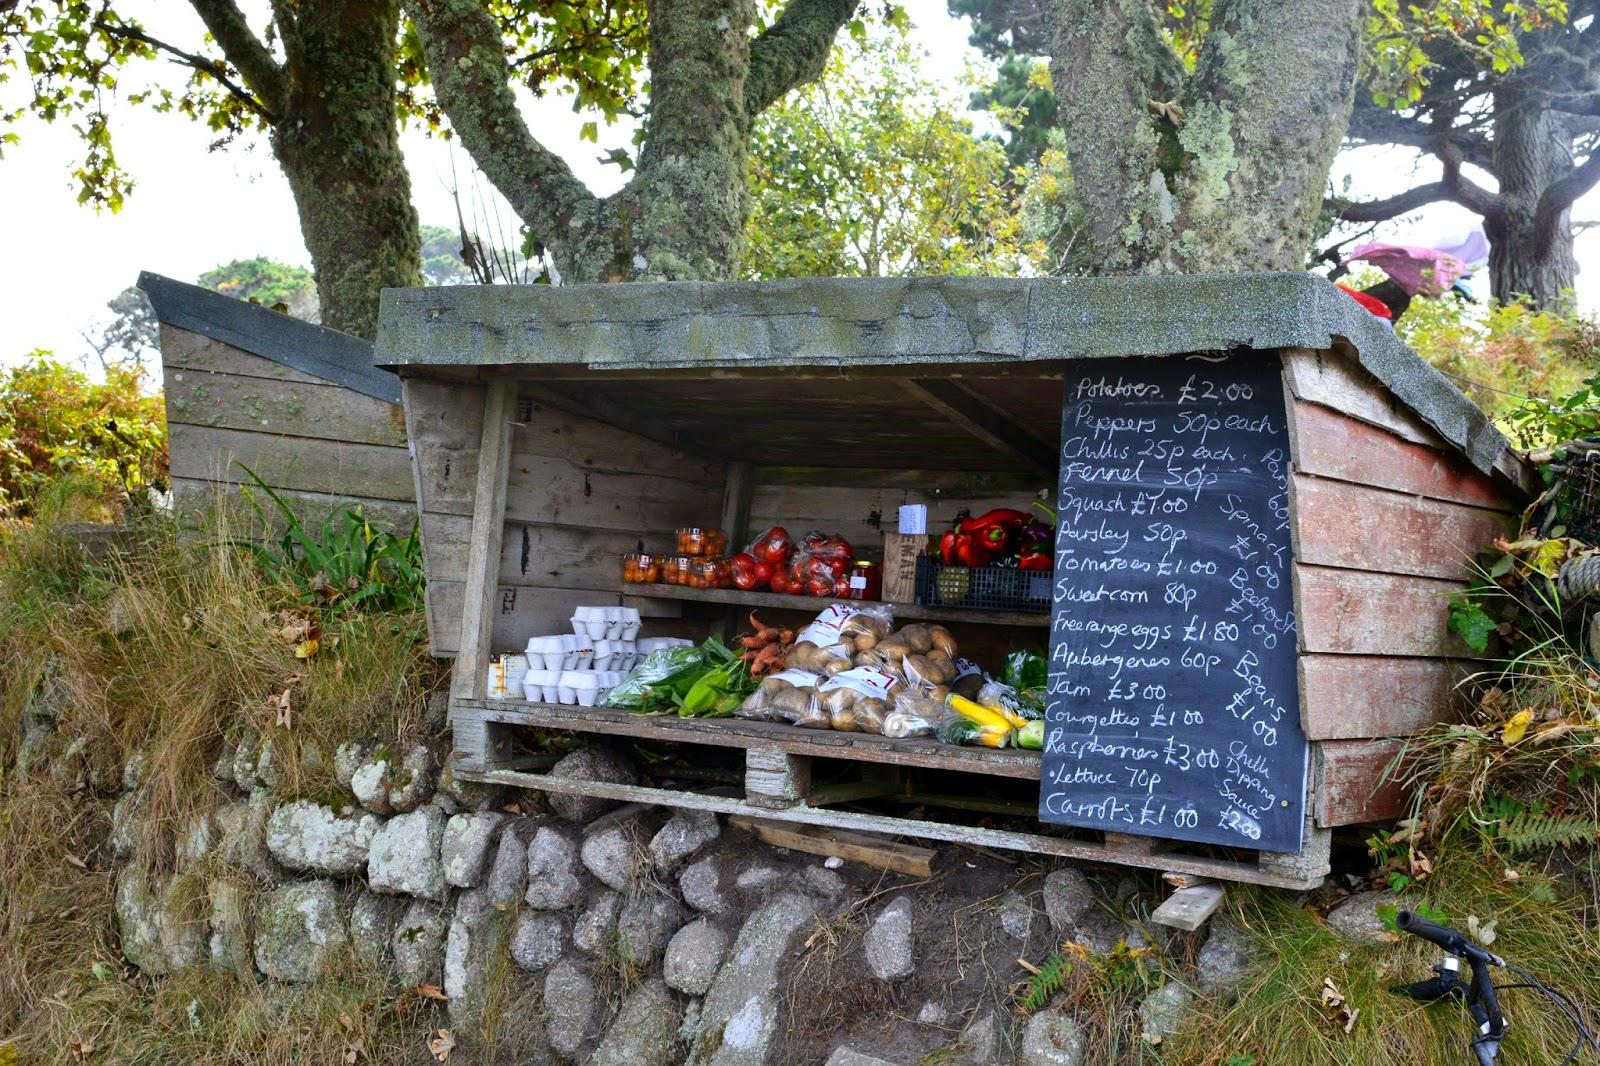 Fruit and Veg stall on Tresco